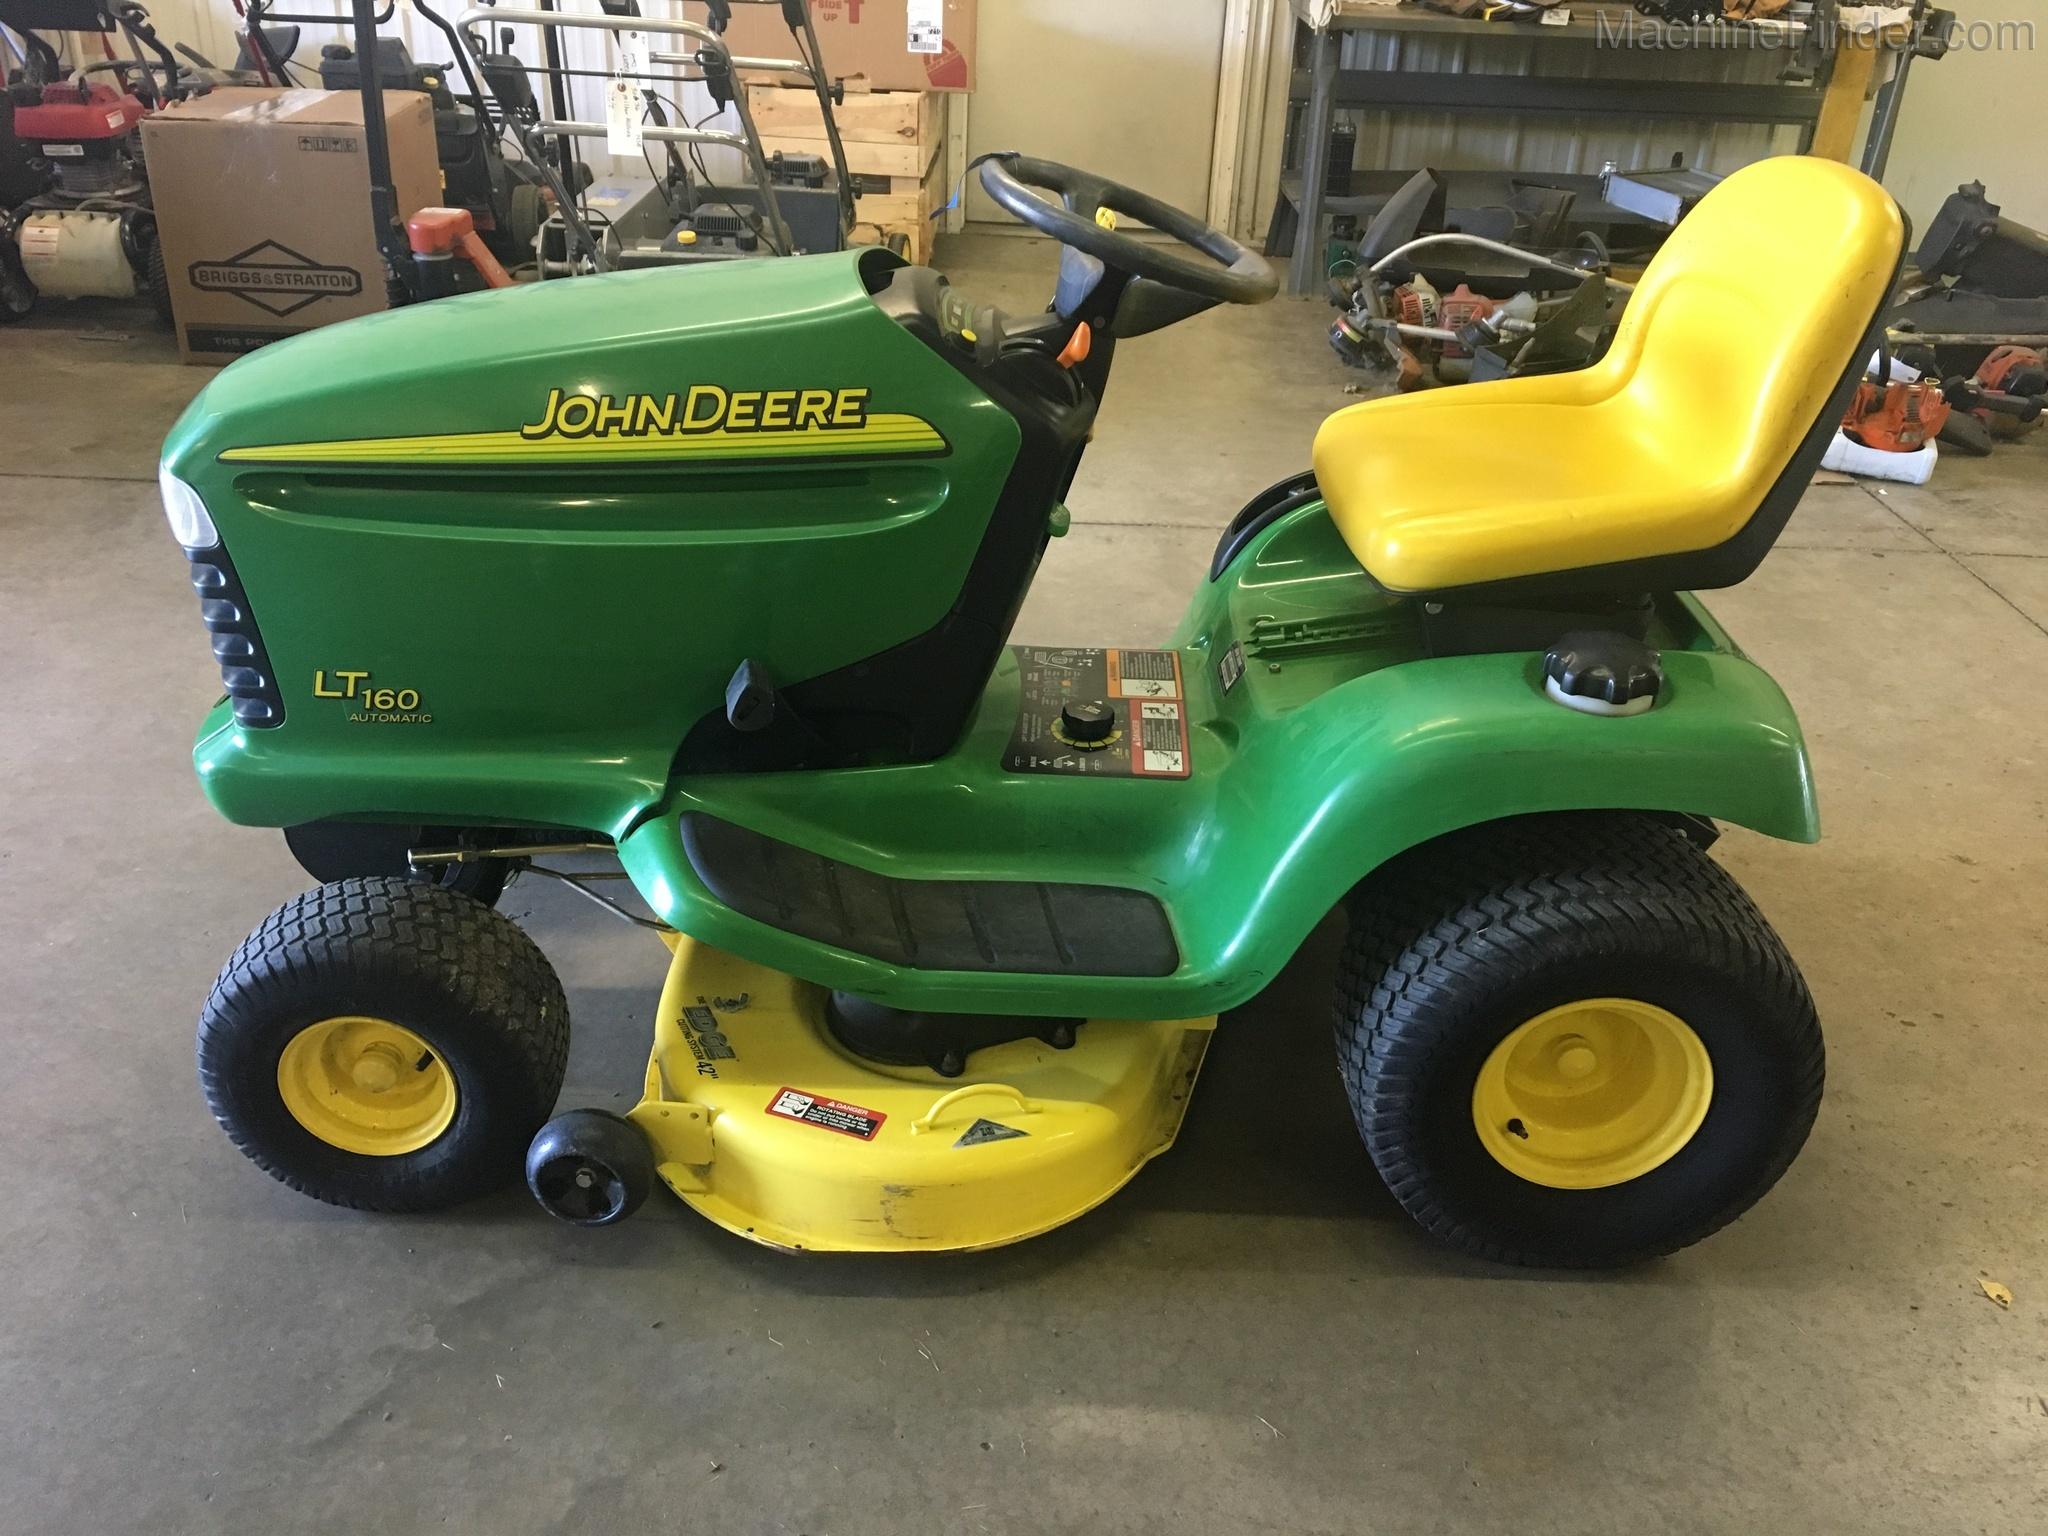 Amazing 2002 John Deere Lawn Garden Tractors John Deere Machinefinder 2002 John Deere Lawn Garden Tractors John Deere John Deere Lt160 Oil Filter John Deere Lt160 Deck Belt Replacement houzz-03 John Deere Lt160